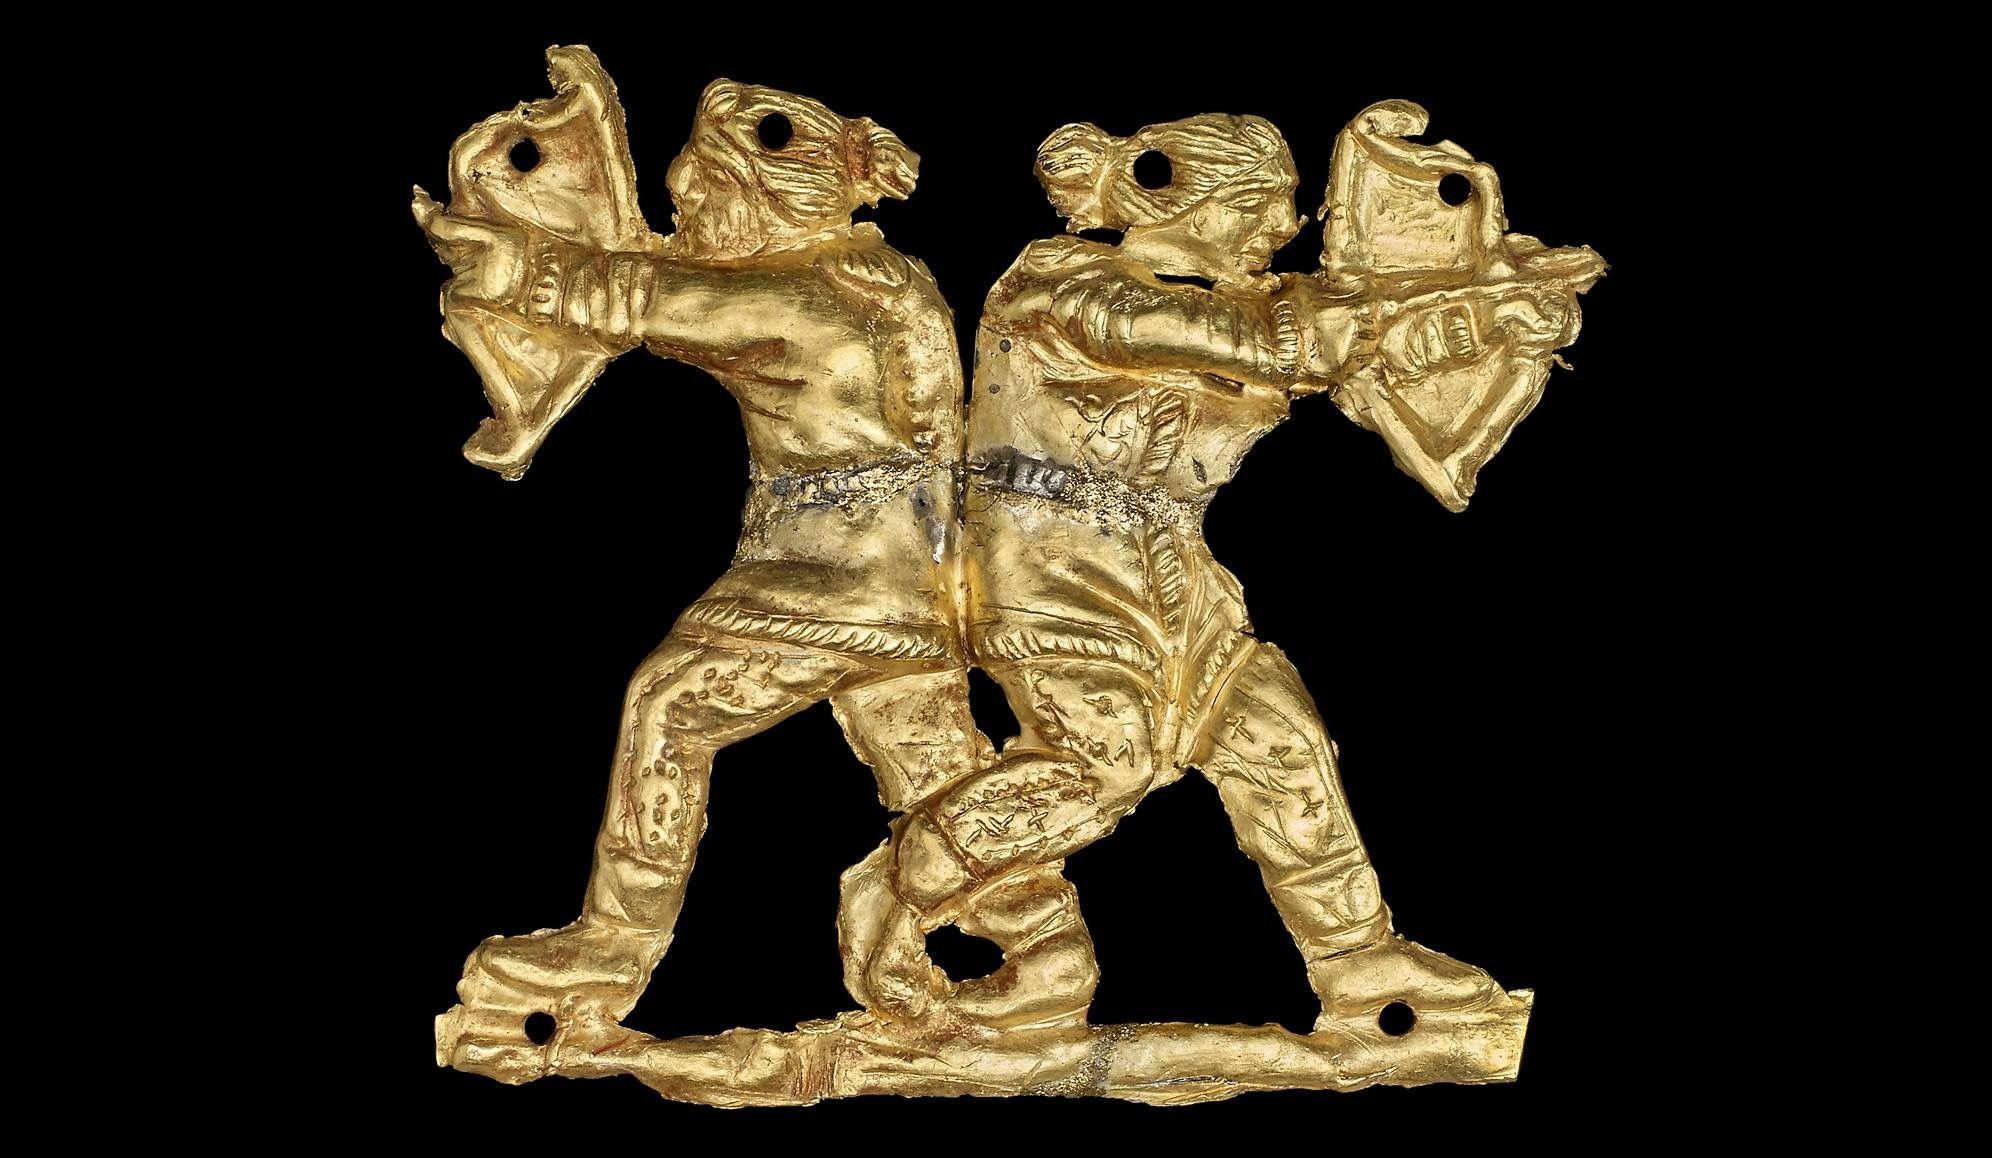 The marathons ancient origins - British Museum Blog